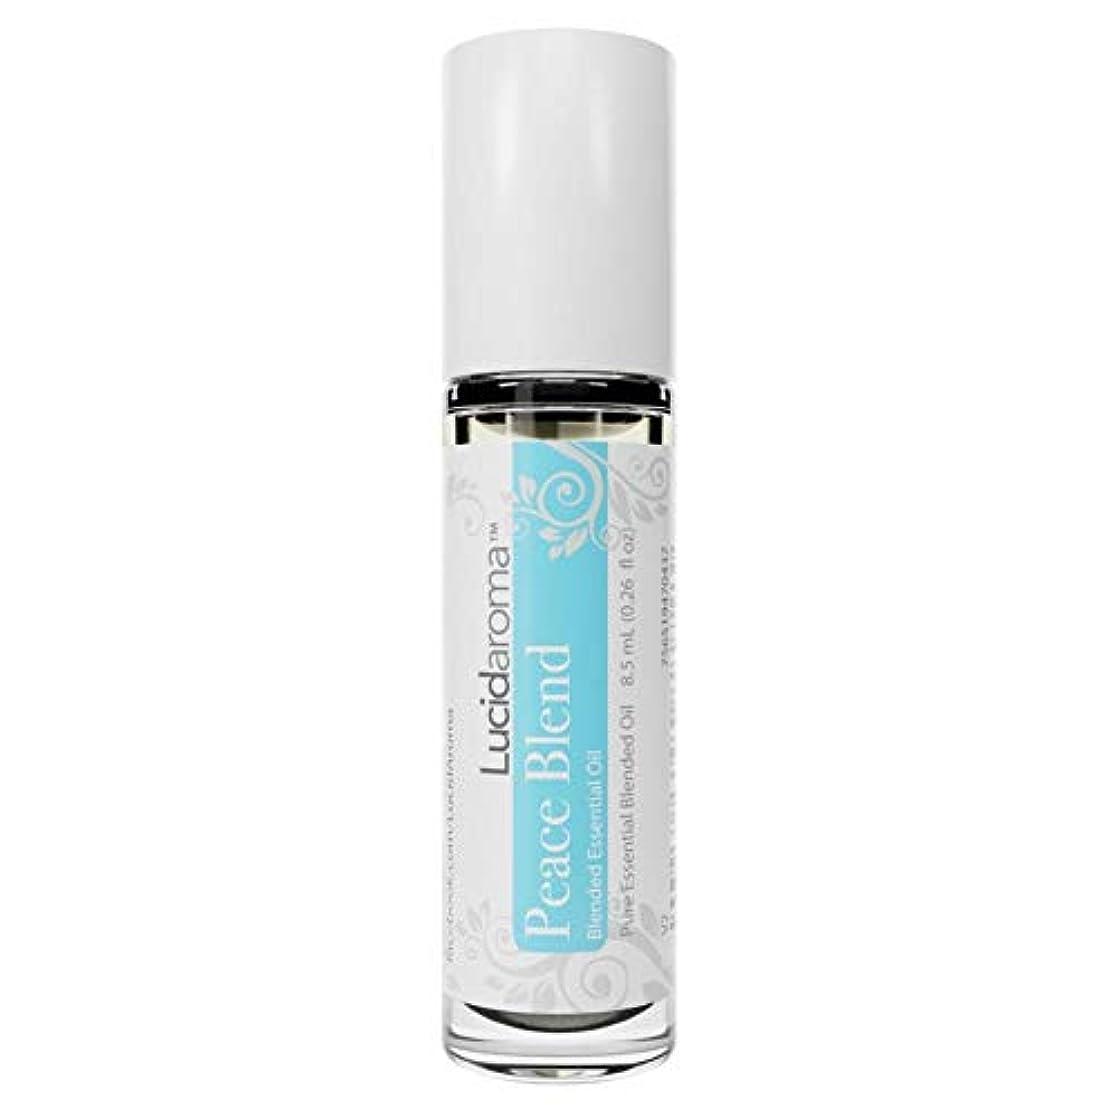 有名な宝石Lucid Aroma Peace Blend ピース ブレンド ロールオン アロマオイル 8.5mL (塗るアロマ) 100%天然 携帯便利 ピュア エッセンシャル アメリカ製